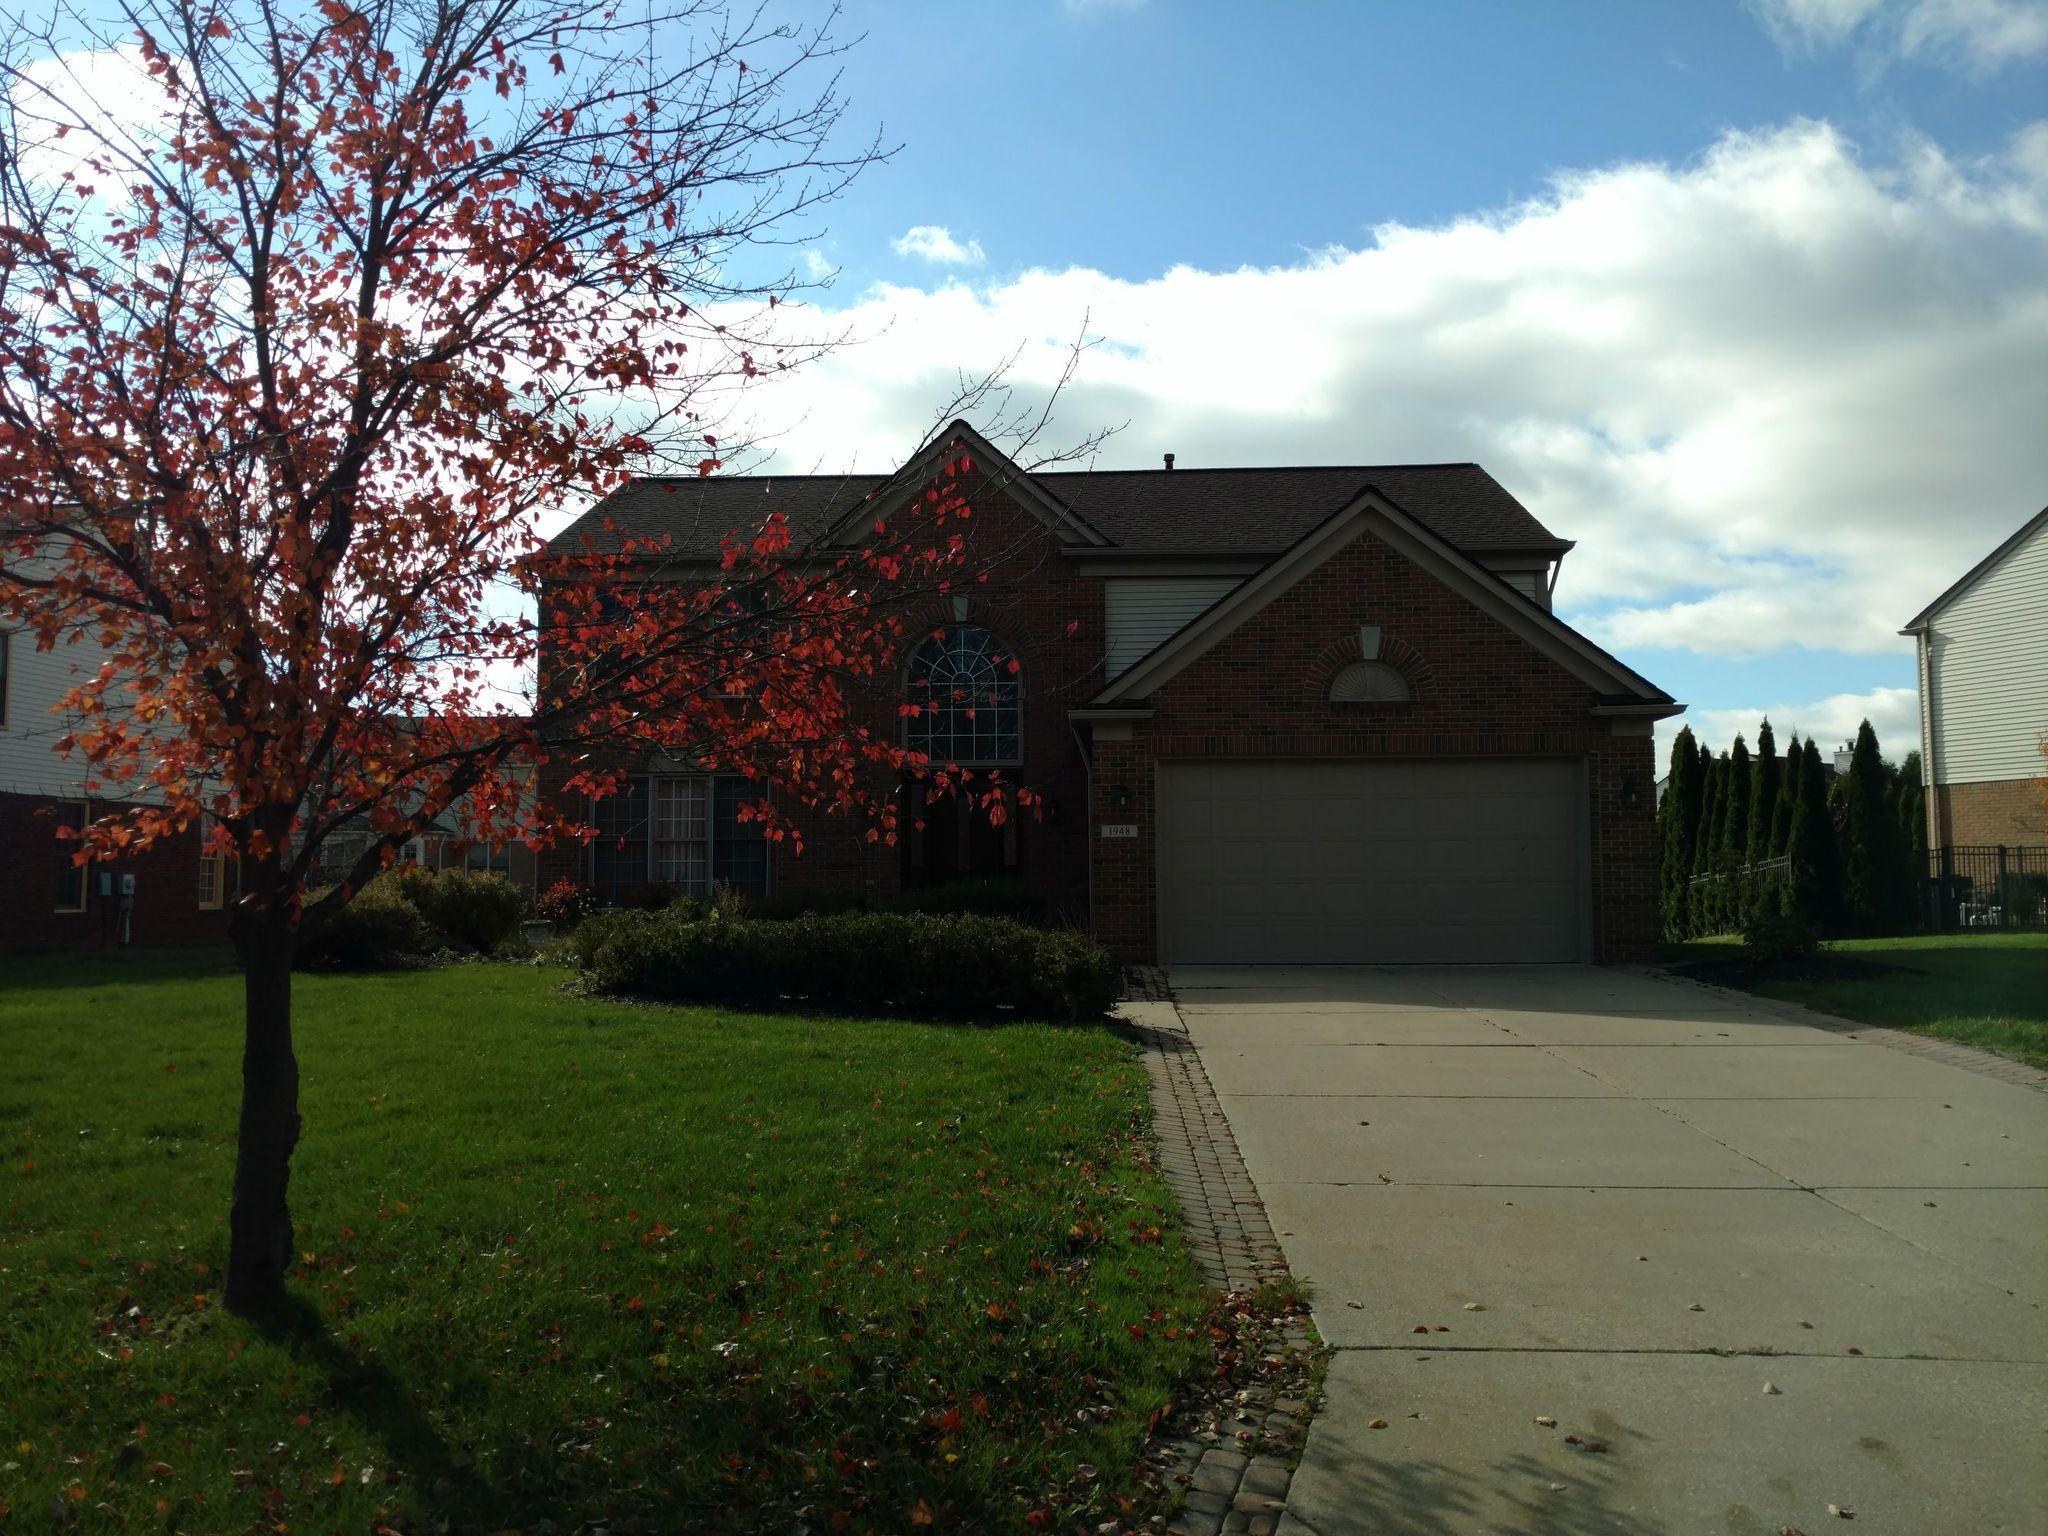 1948 bloomfield oaks dr for sale west bloomfield mi trulia